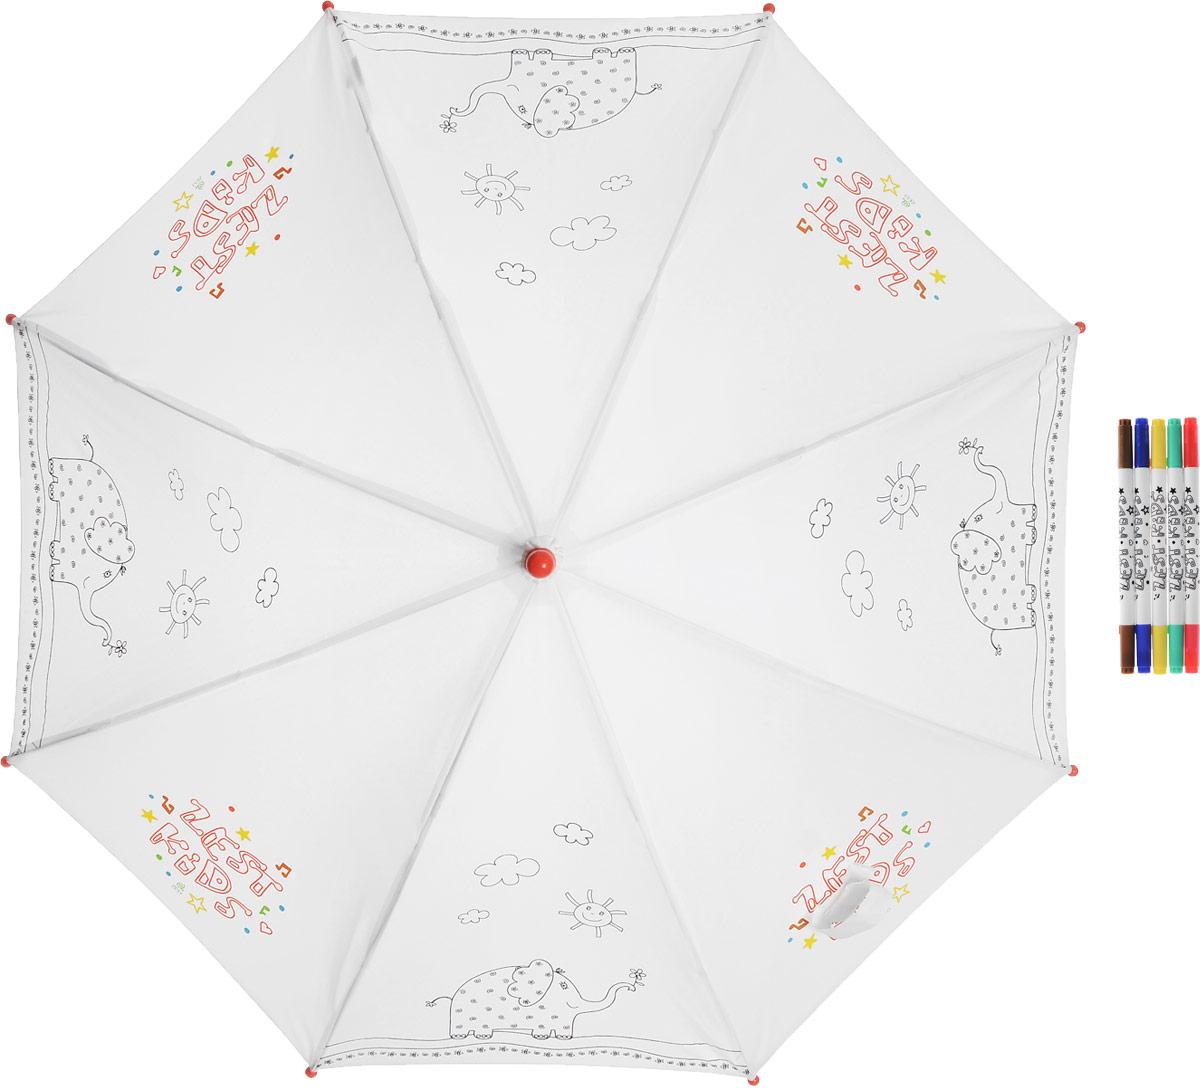 Зонт-трость детский Zest механический, цвет: белый. 21581-25621581-256Детский зонт-трость для раскрашивания Zest выполнен из металла и пластика, оформлен силуэтами картинок. Картинки малыш сможет раскрасить самостоятельно фломастерами, входящими в комплект. Каркас зонта выполнен из восьми спиц, стержень из стали. На концах спиц предусмотрены пластиковые элементы, которые защитят малыша от травм. Купол зонта изготовлен прочного полиэстера. Закрытый купол застегивается на липучку хлястиком. Практичная глянцевая рукоятка закругленной формы разработана с учетом требований эргономики и выполнена из пластика. Зонт-раскраска будет приятным подарком, который не только защитит малыша от непогоды, но и даст возможность стать настоящим маленьким художником.